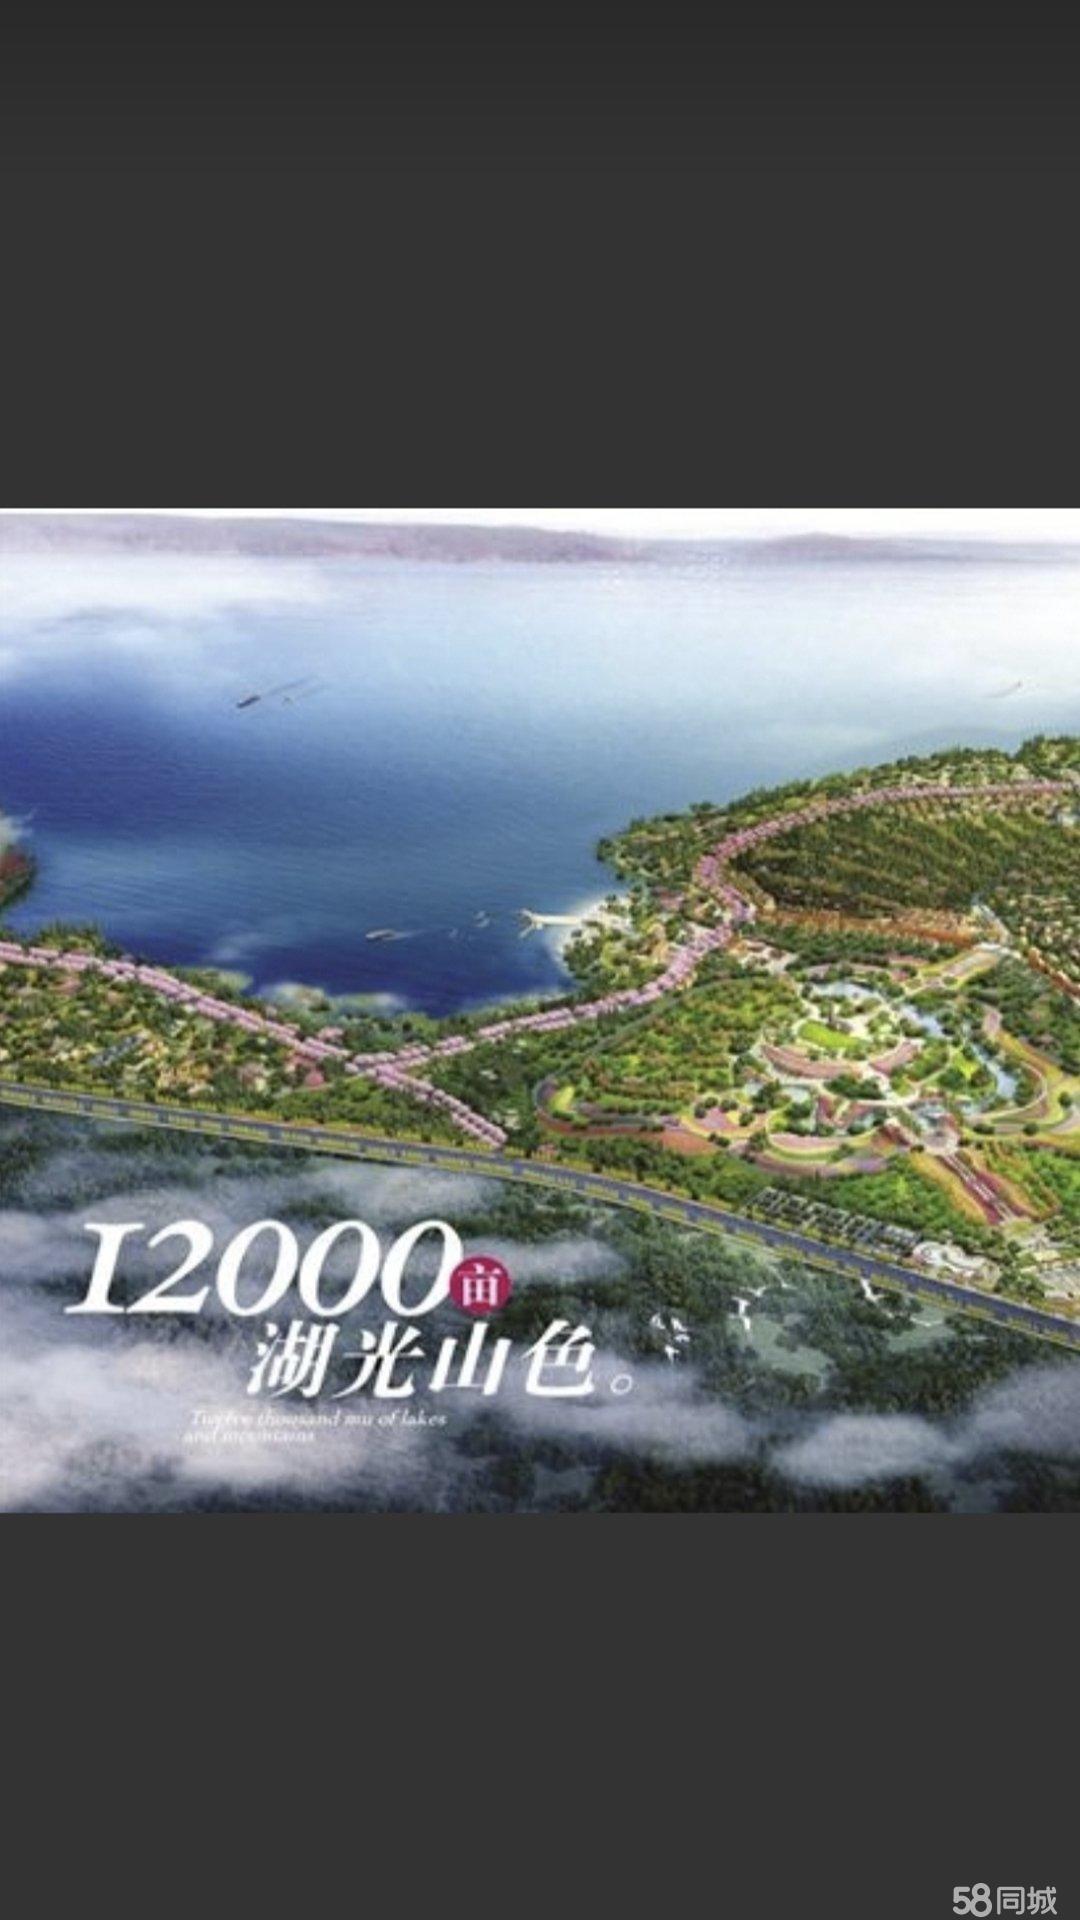 東方玫瑰谷旅游度假小鎮,精裝修小戶型客棧,低首付12萬售